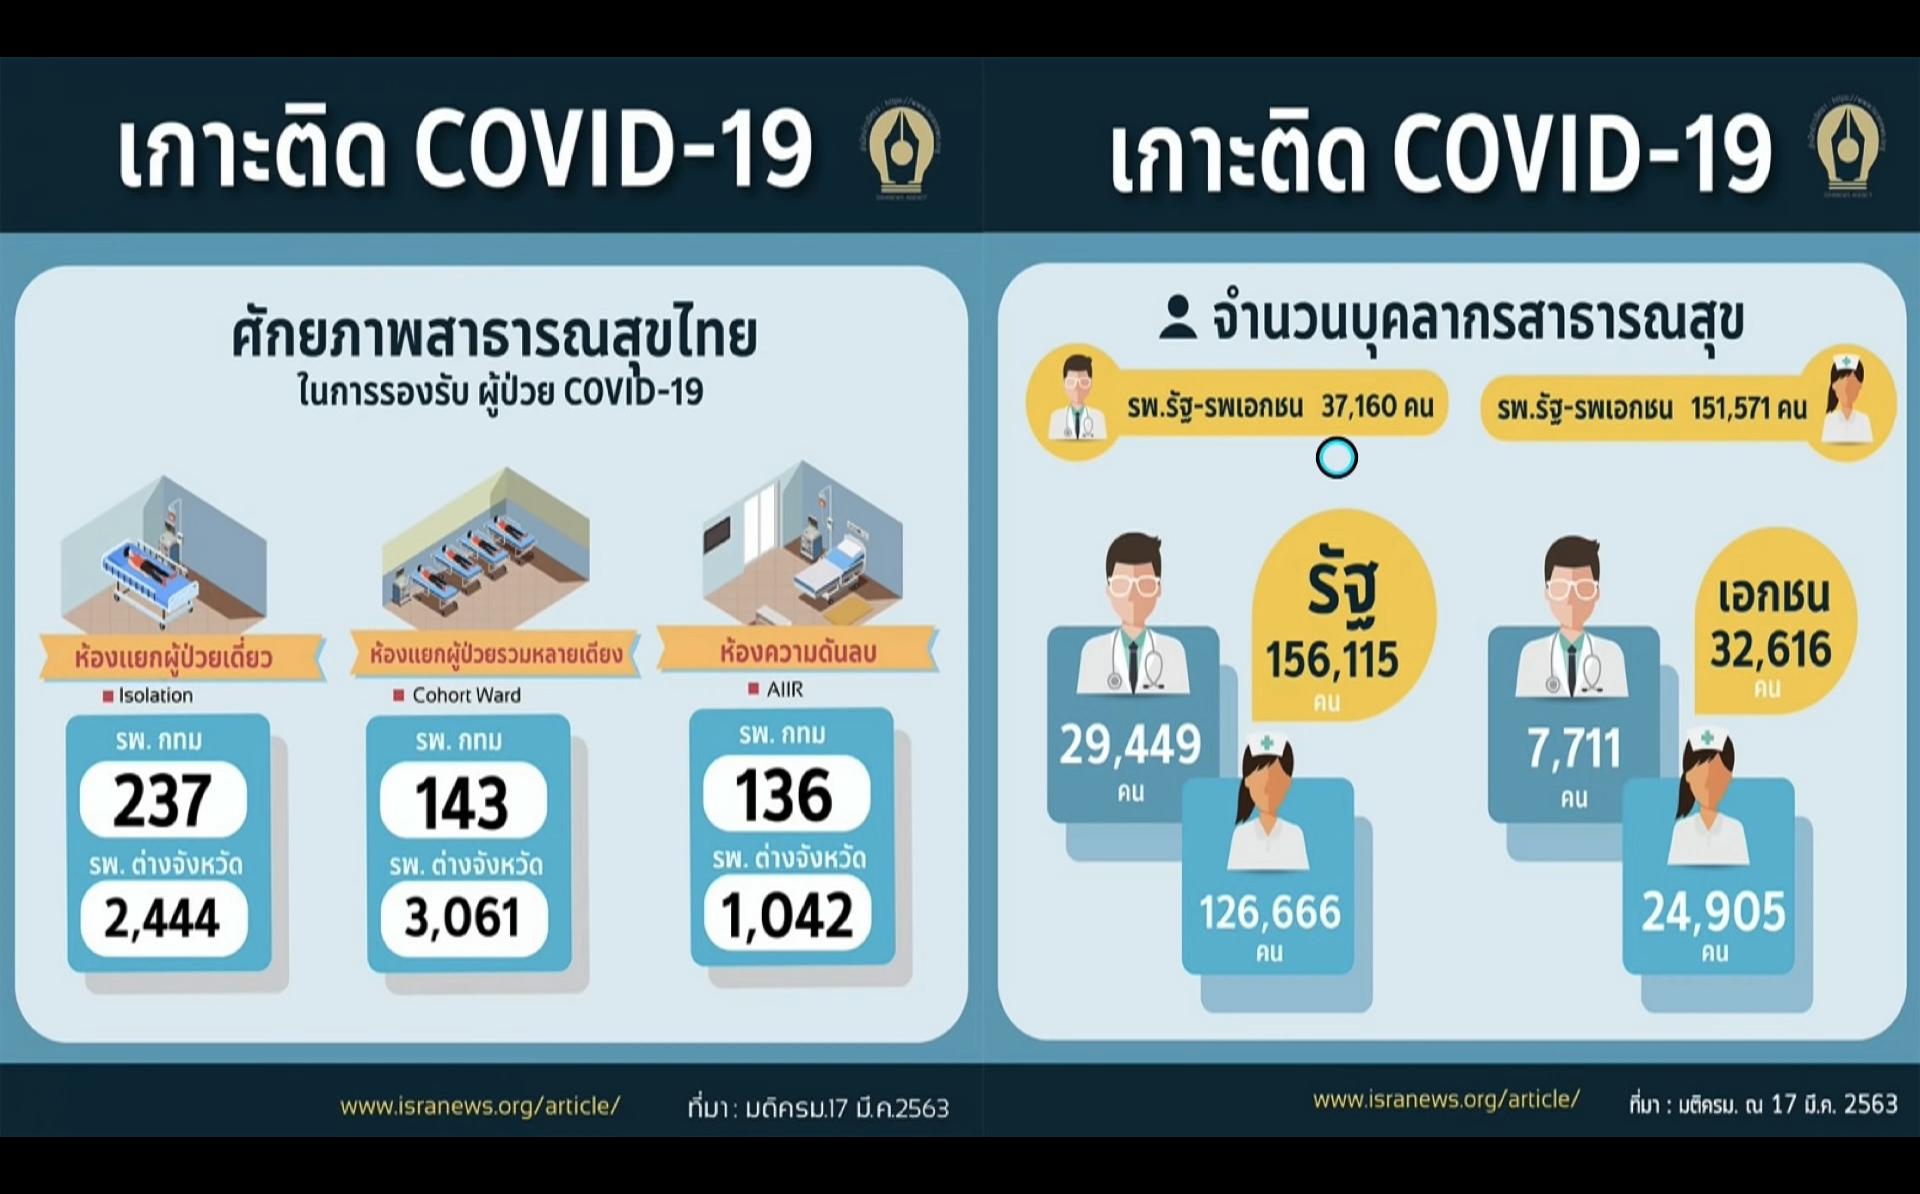 การคาดการณ์การระบาดของไวรัสโคโรนา 2019 (COVID-19)